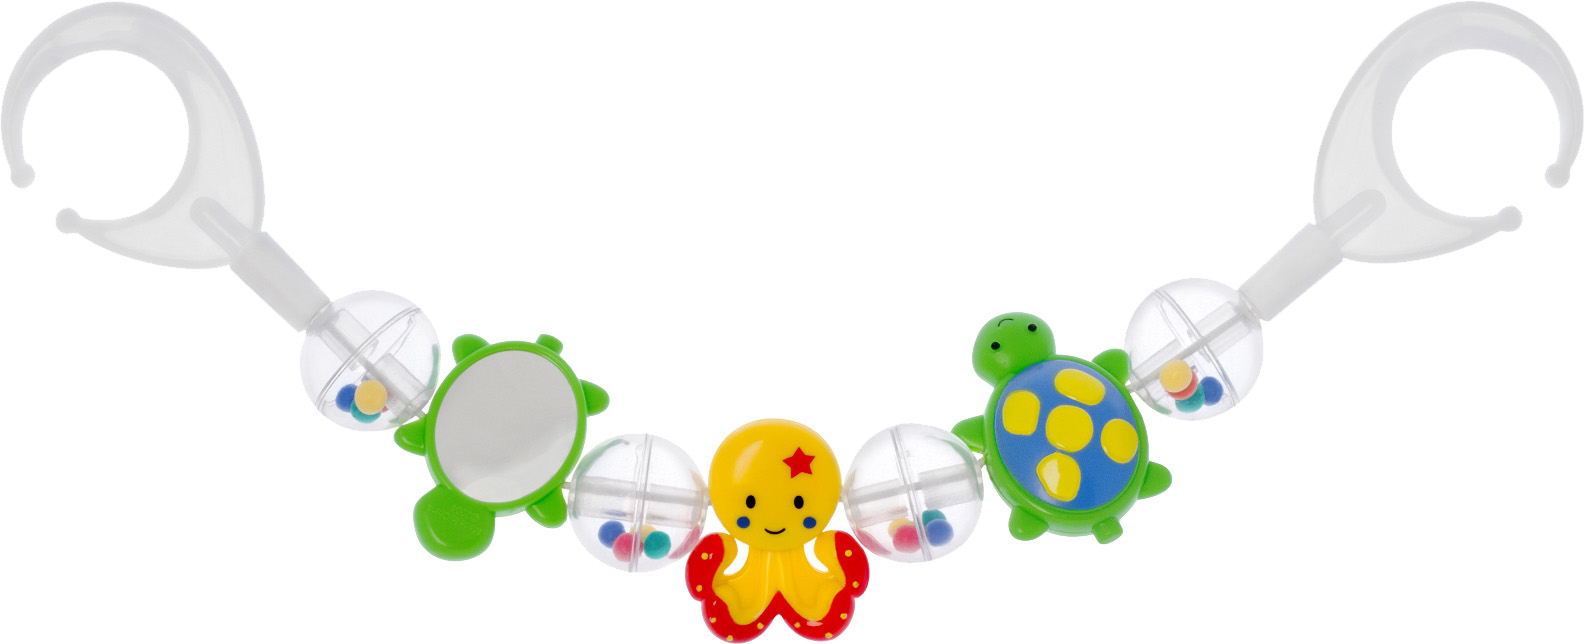 подвесные игрушки Подвесные игрушки и дуги Курносики Морская сказка